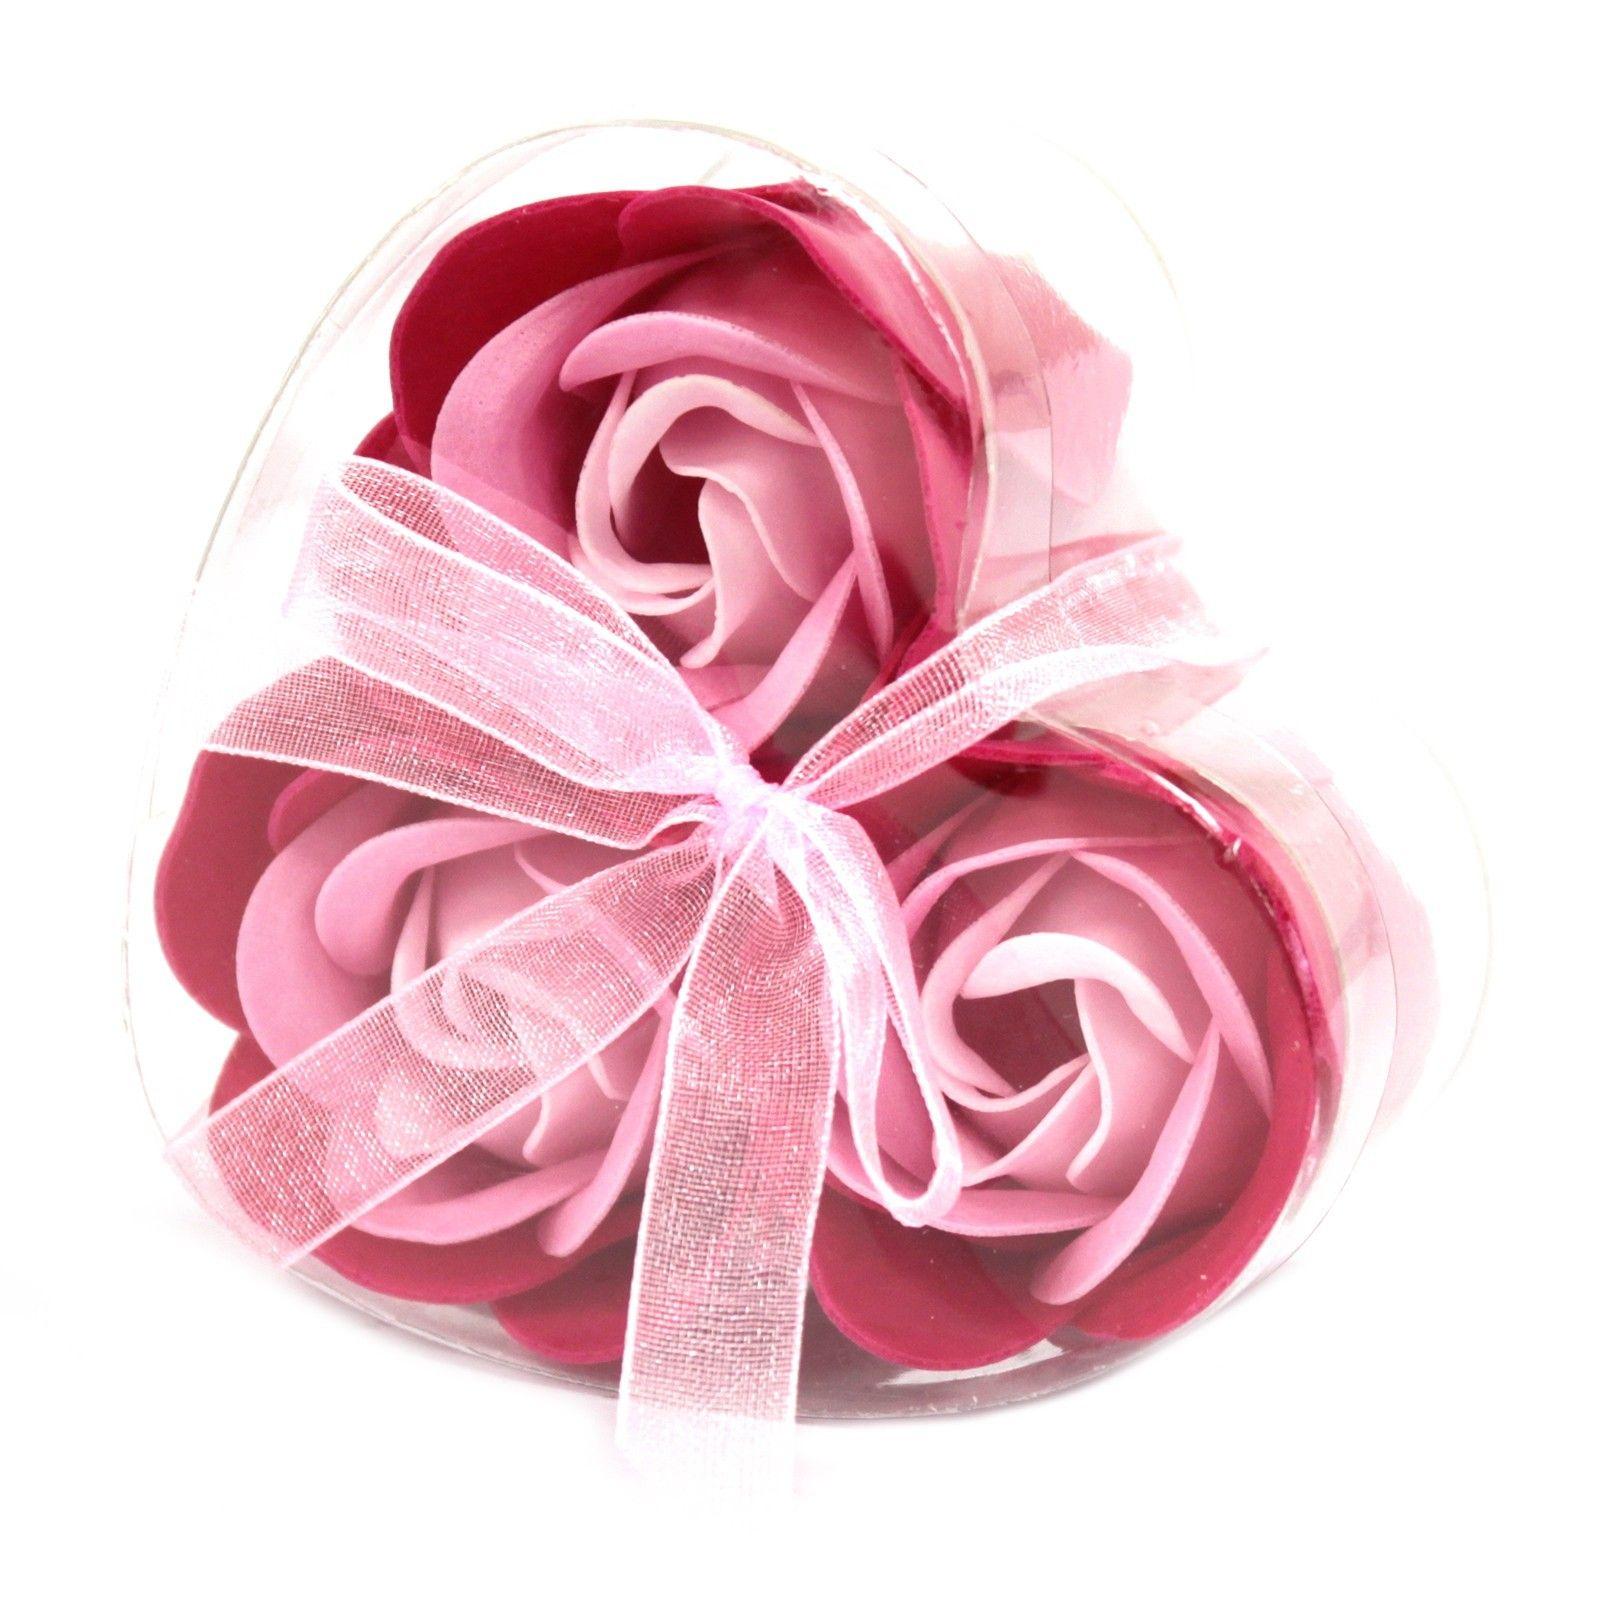 Sada 3 Mýdlových Květů - Růžové Růže AWGifts